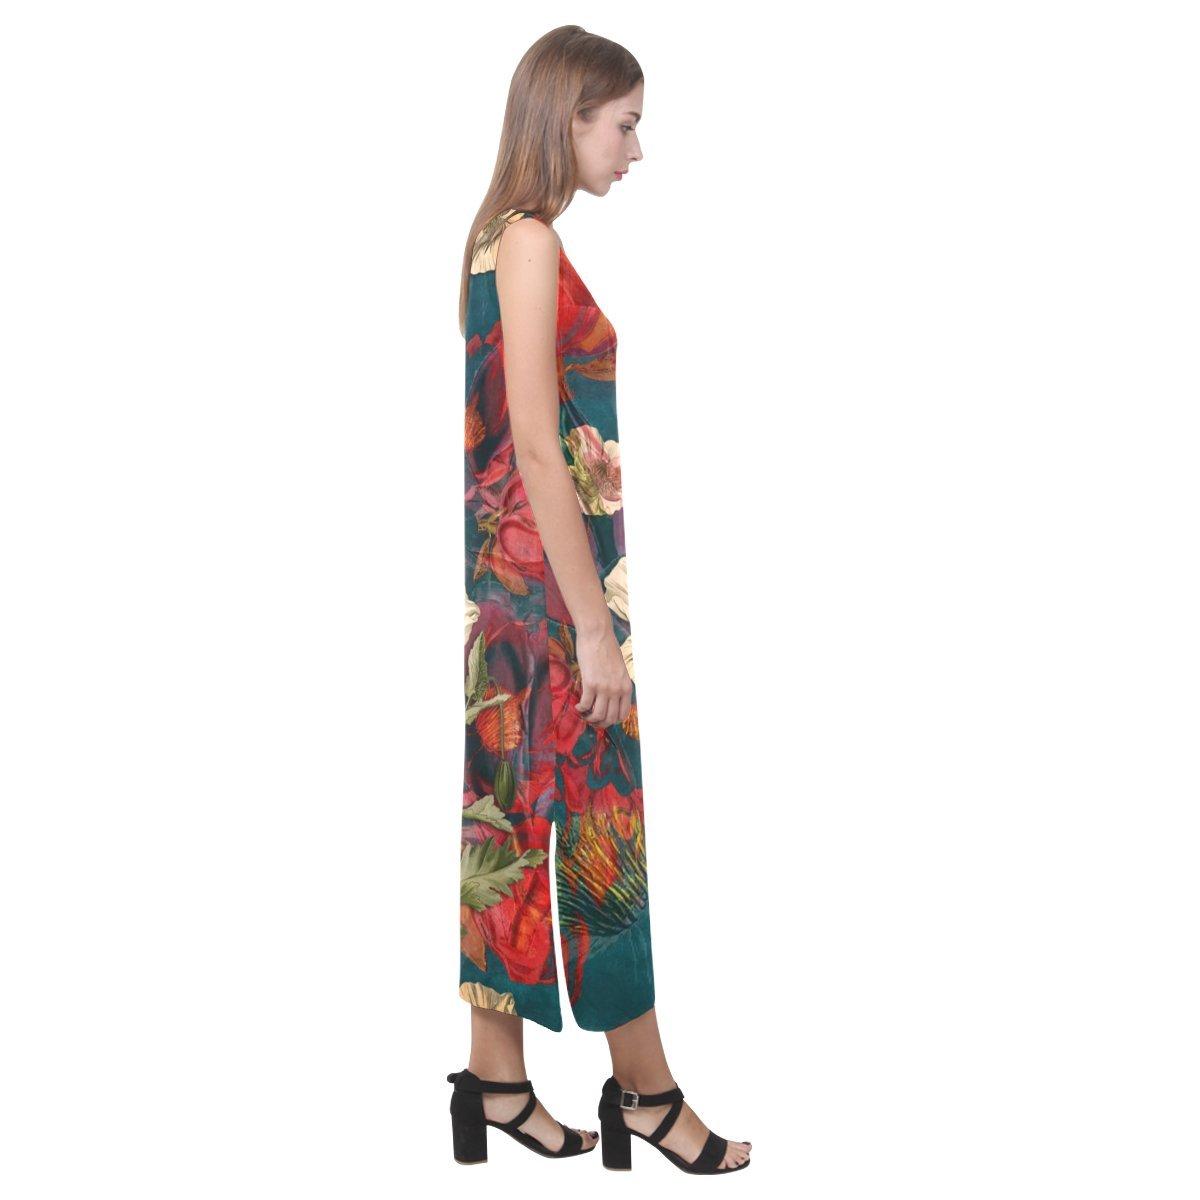 JC-Dress Sleeveless Dress Flora Party Beach Open Fork Long Dress